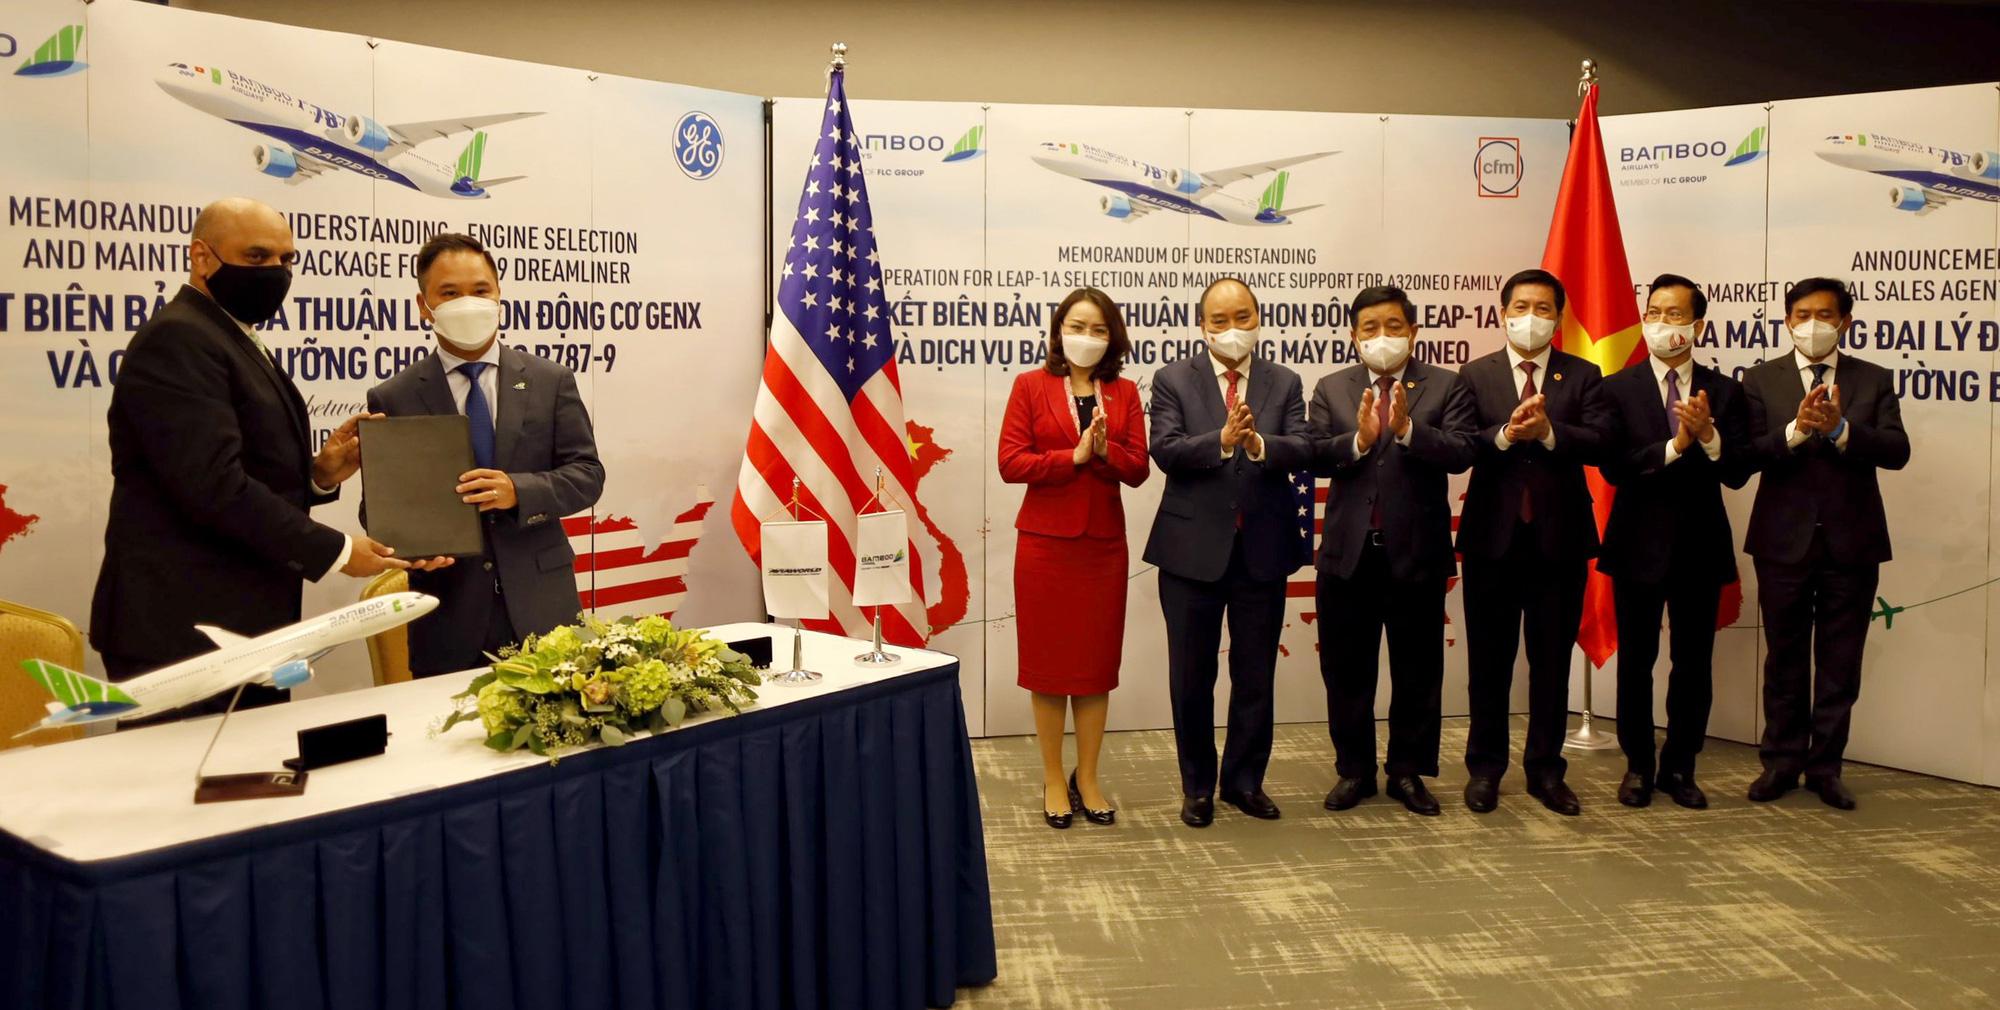 Bamboo Airways hợp tác với General Electric về động cơ máy bay 2 tỷ USD - Ảnh 2.